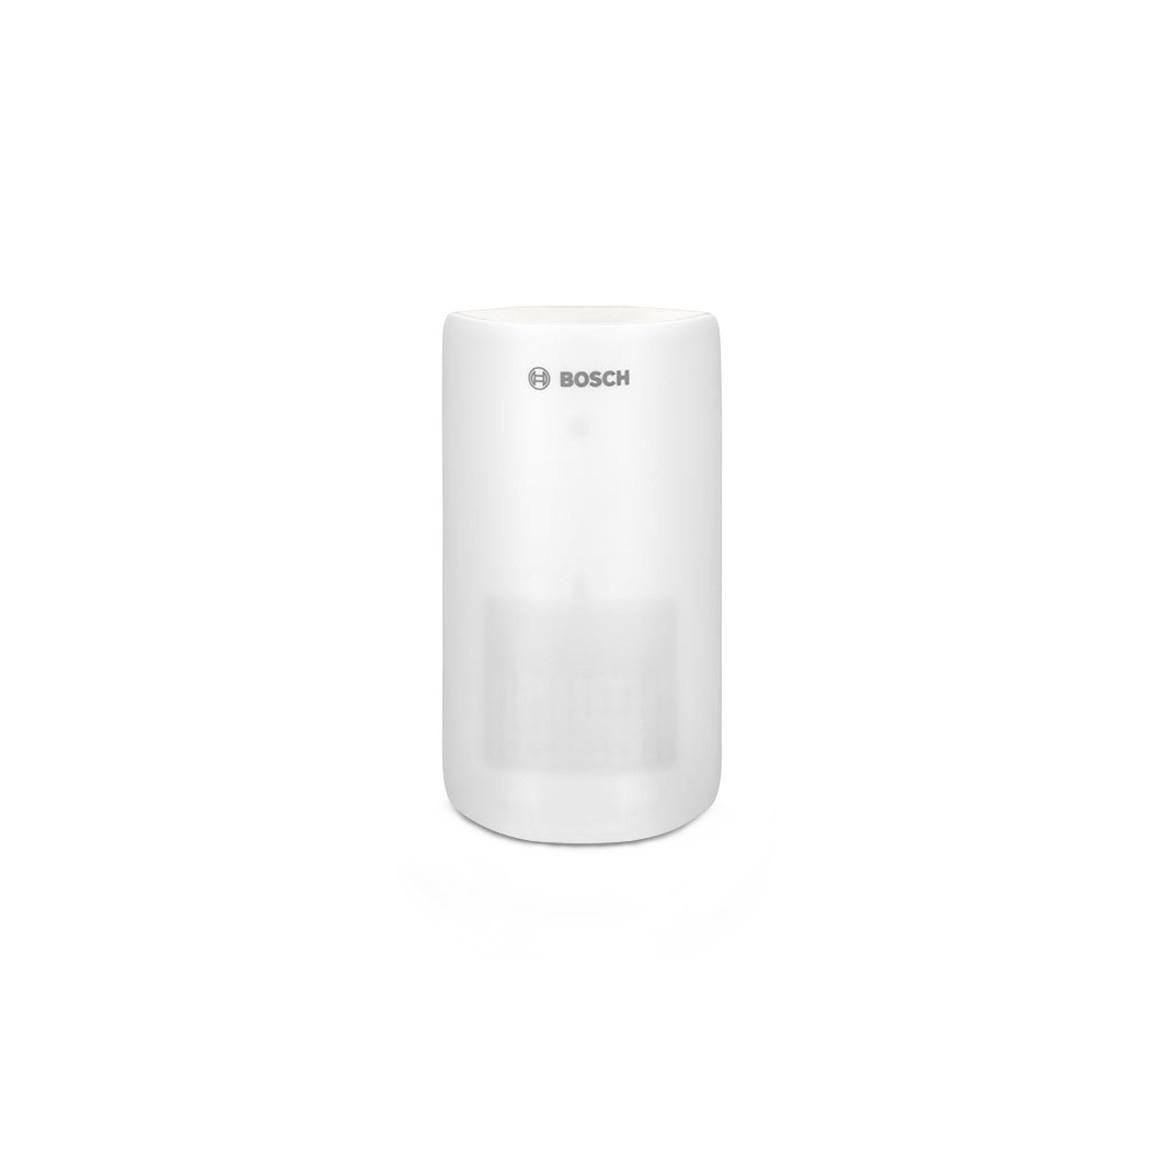 Bosch Smart Home Bewegungsmelder - Weiß